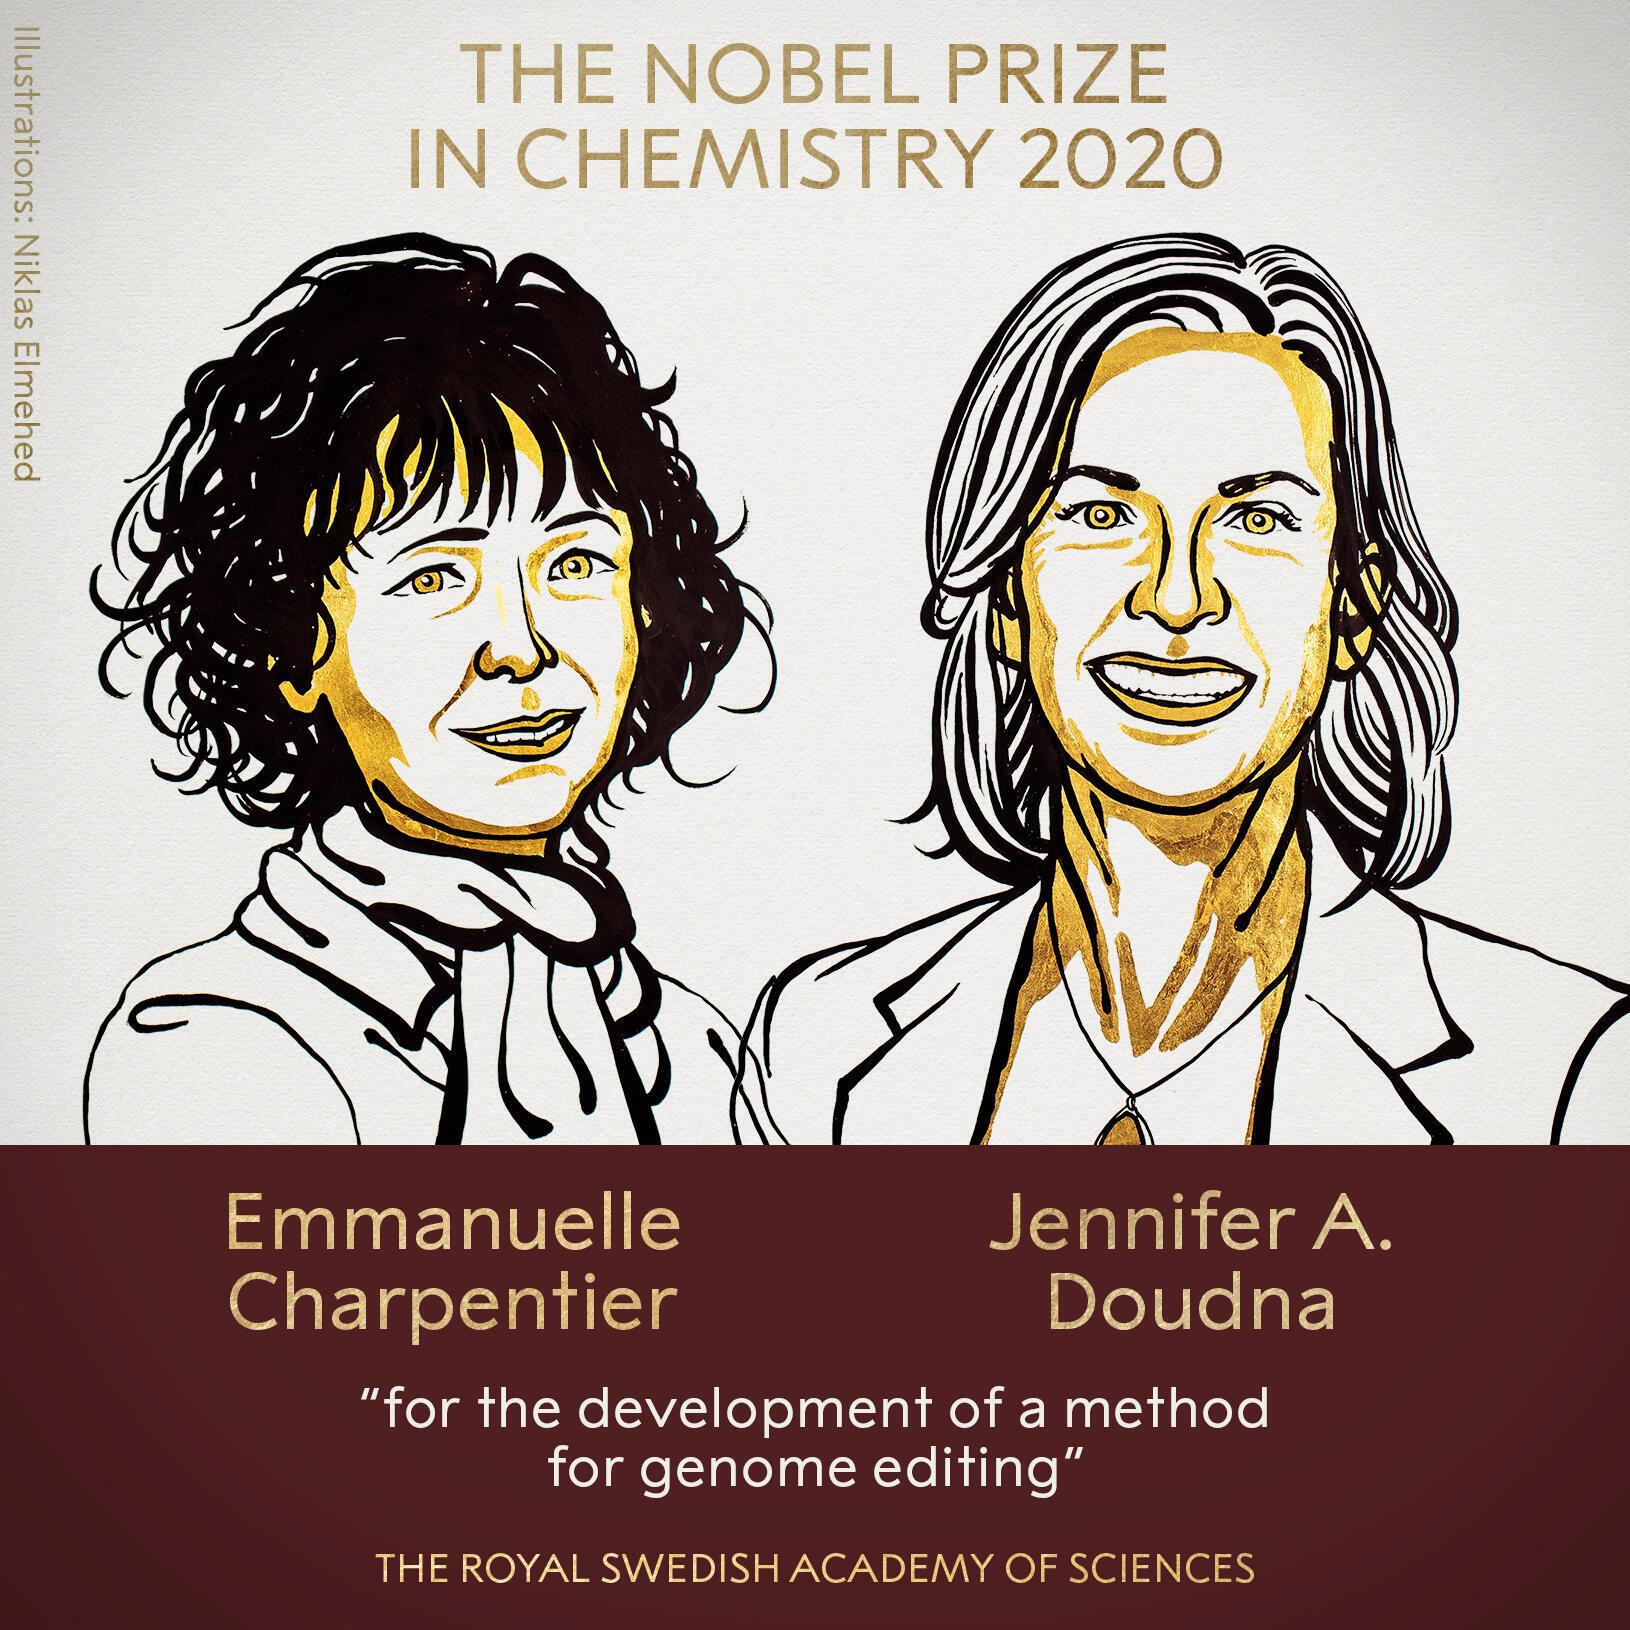 Ba Faranshiya Emmanuelle Charpentier da Ba-Amurkiya Jennifer Doudna, da suka lashe kayautar Nobel ta Chemistry